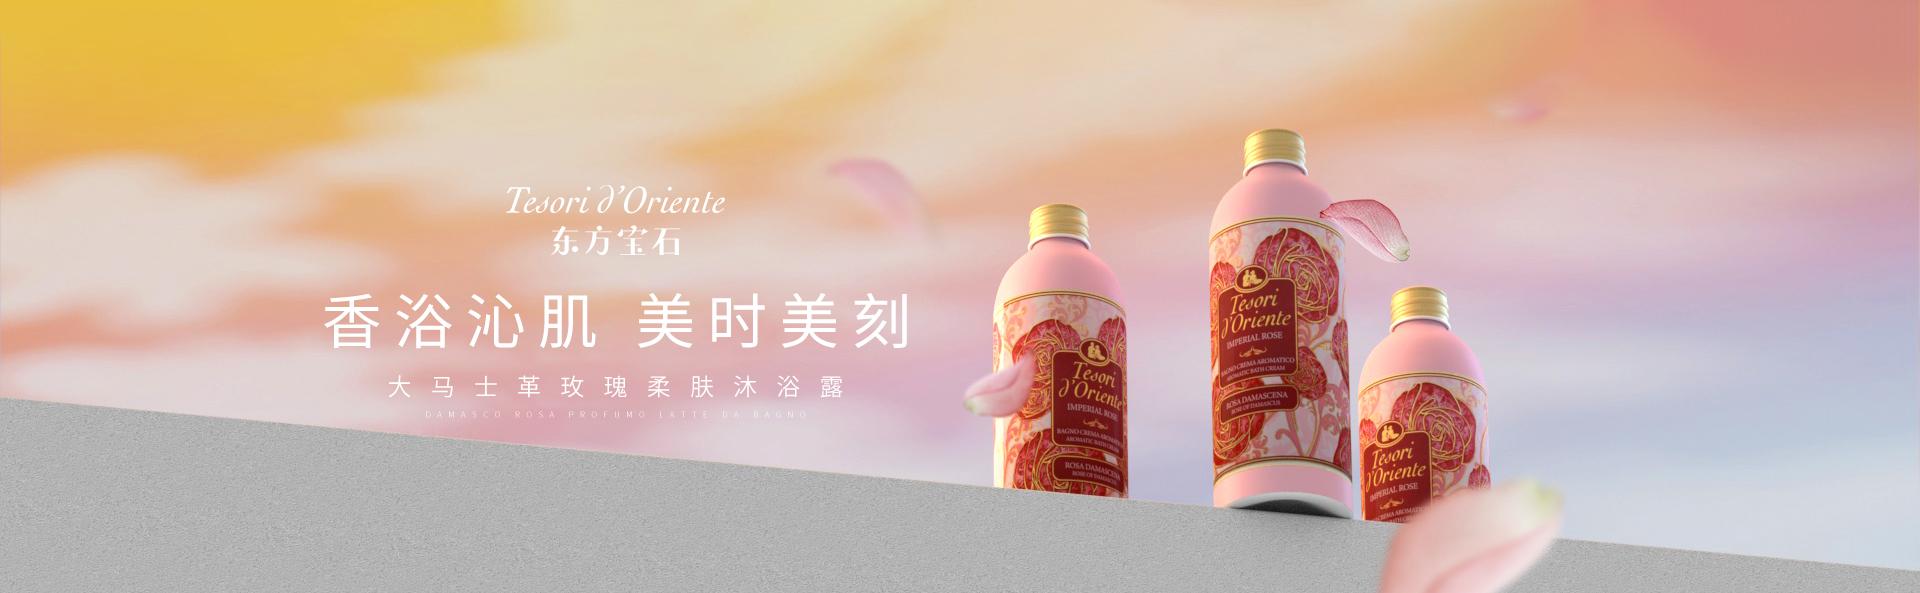 东方宝石沐浴露和身体乳相关产品图之玫瑰组介绍